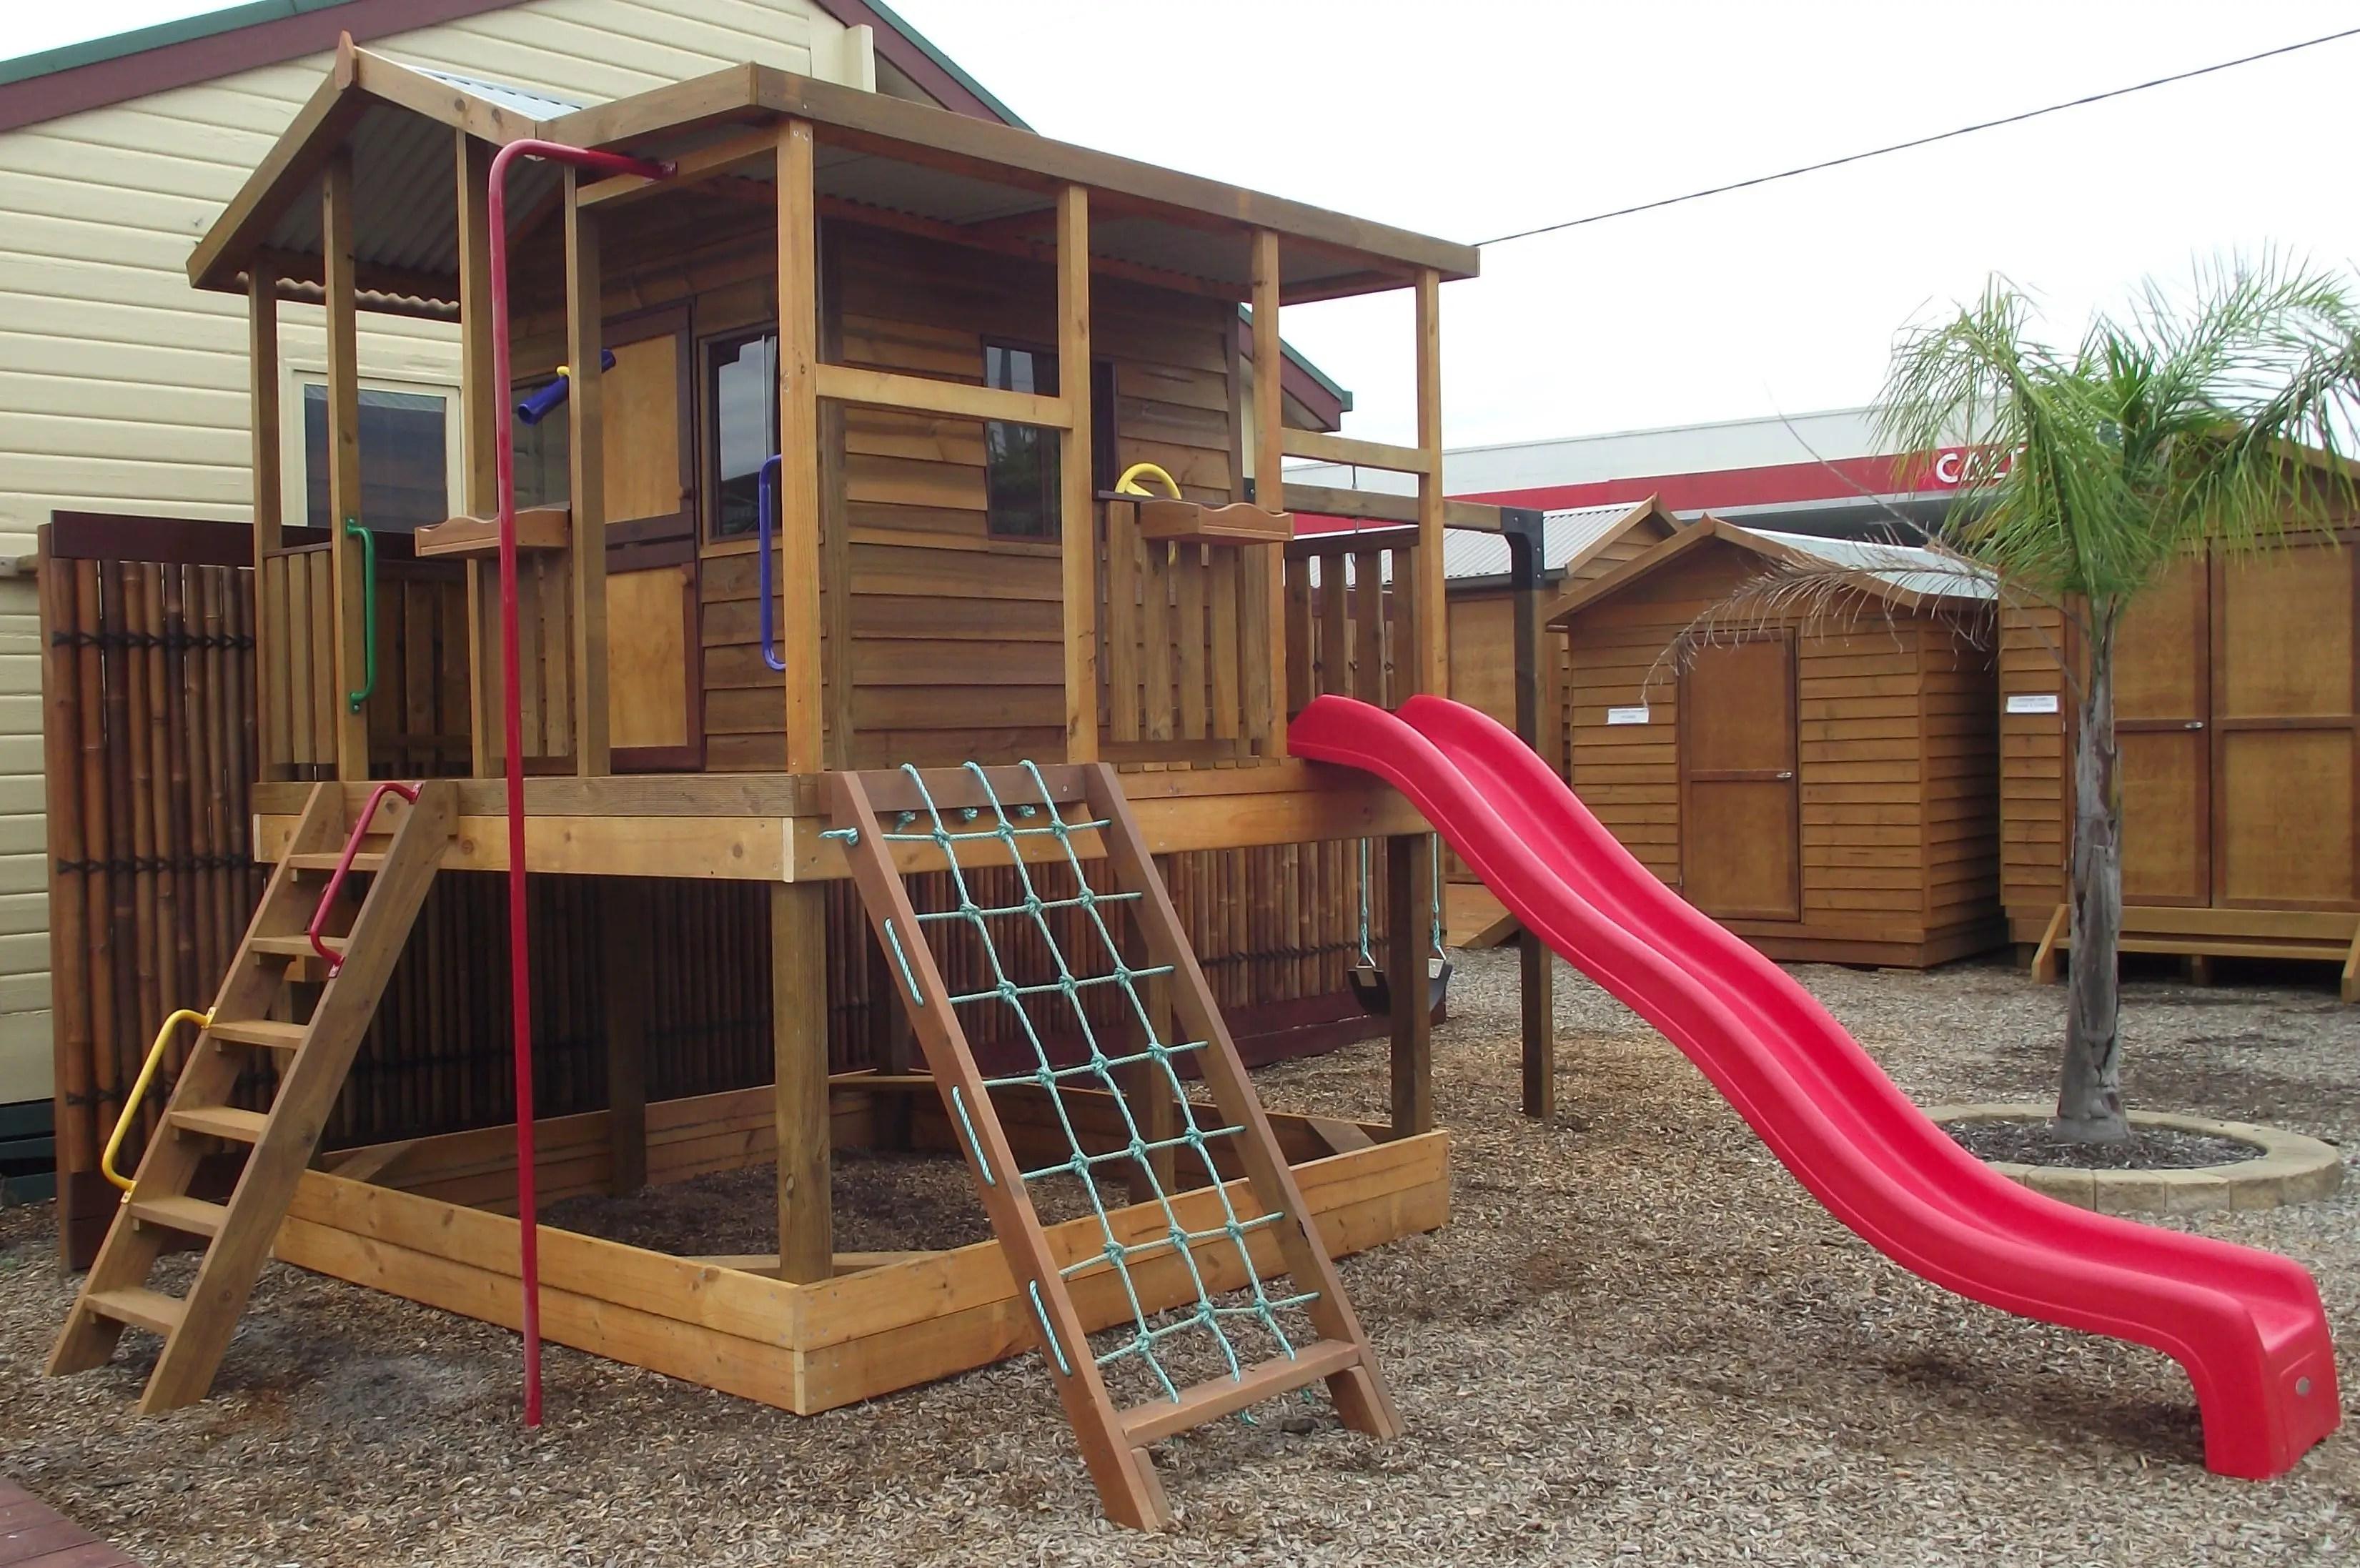 Backyard design ideas with children's slides 45